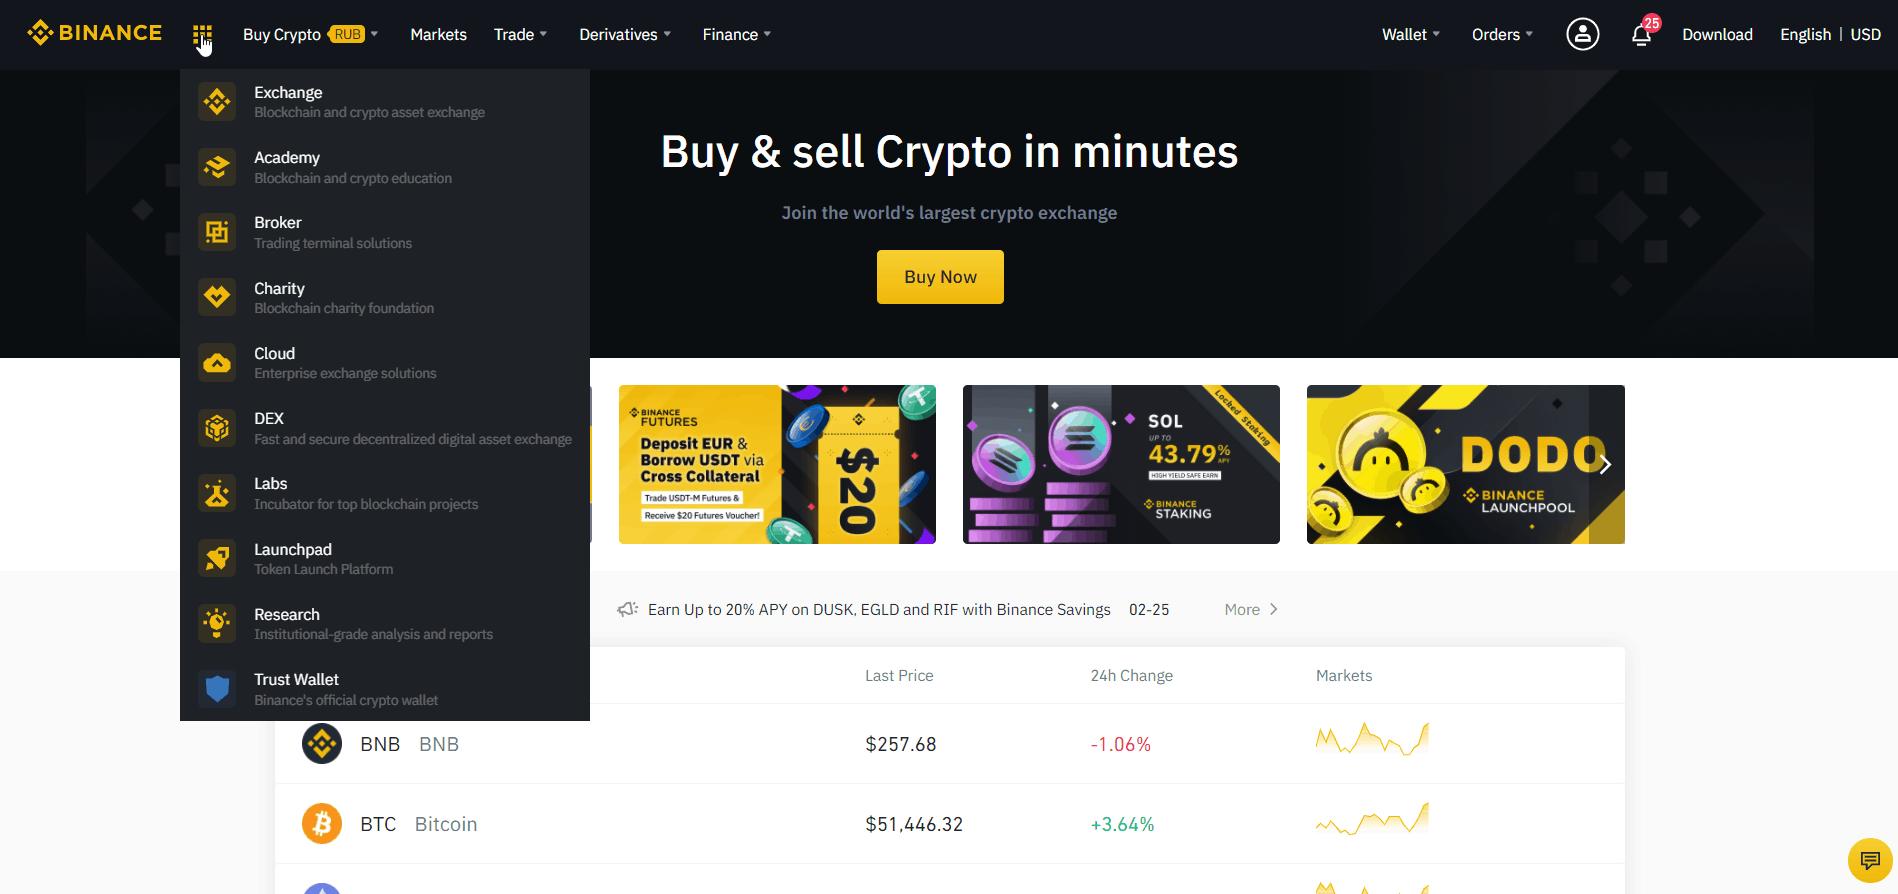 binance home page